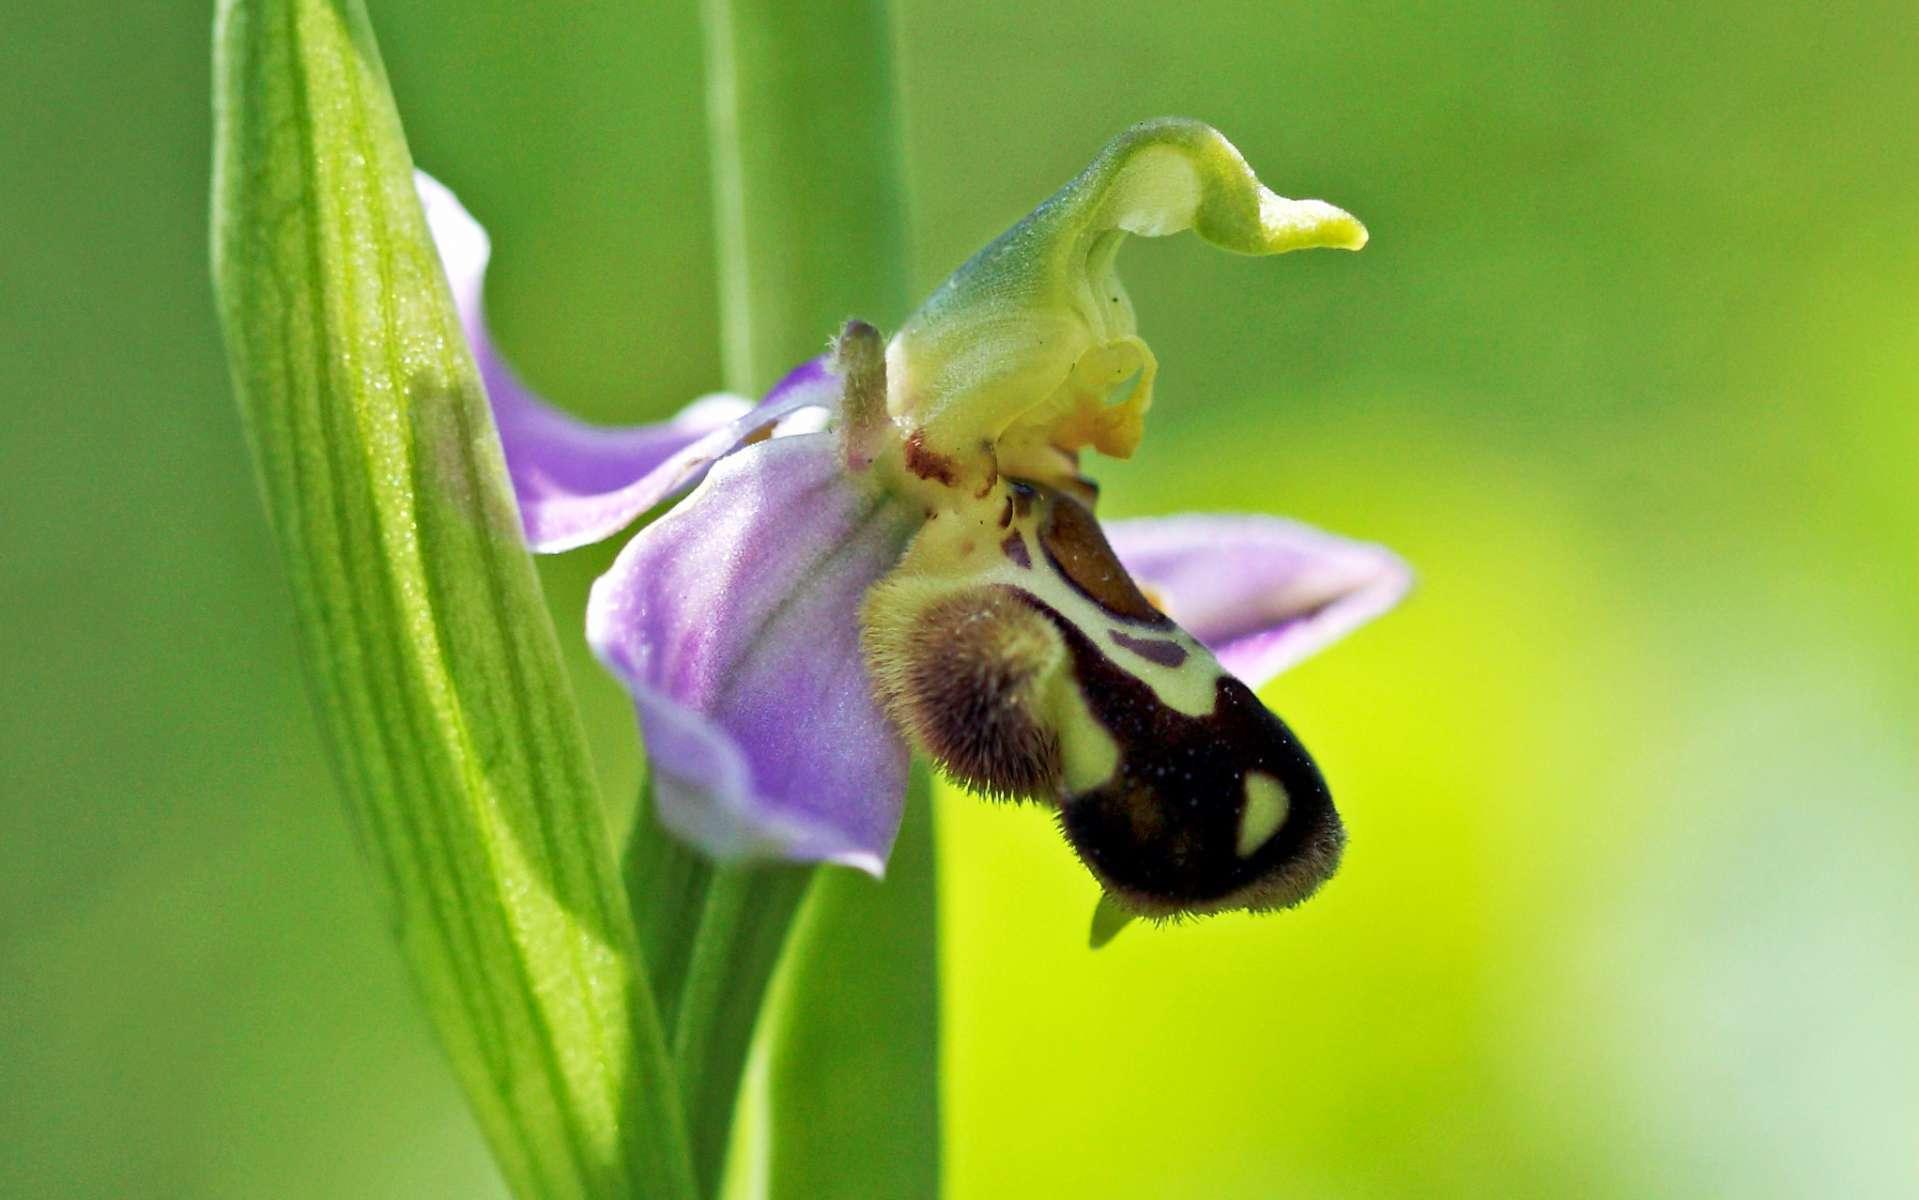 Ophrys abeille - fleur et feuille (Crédits : Quentin Dumont)